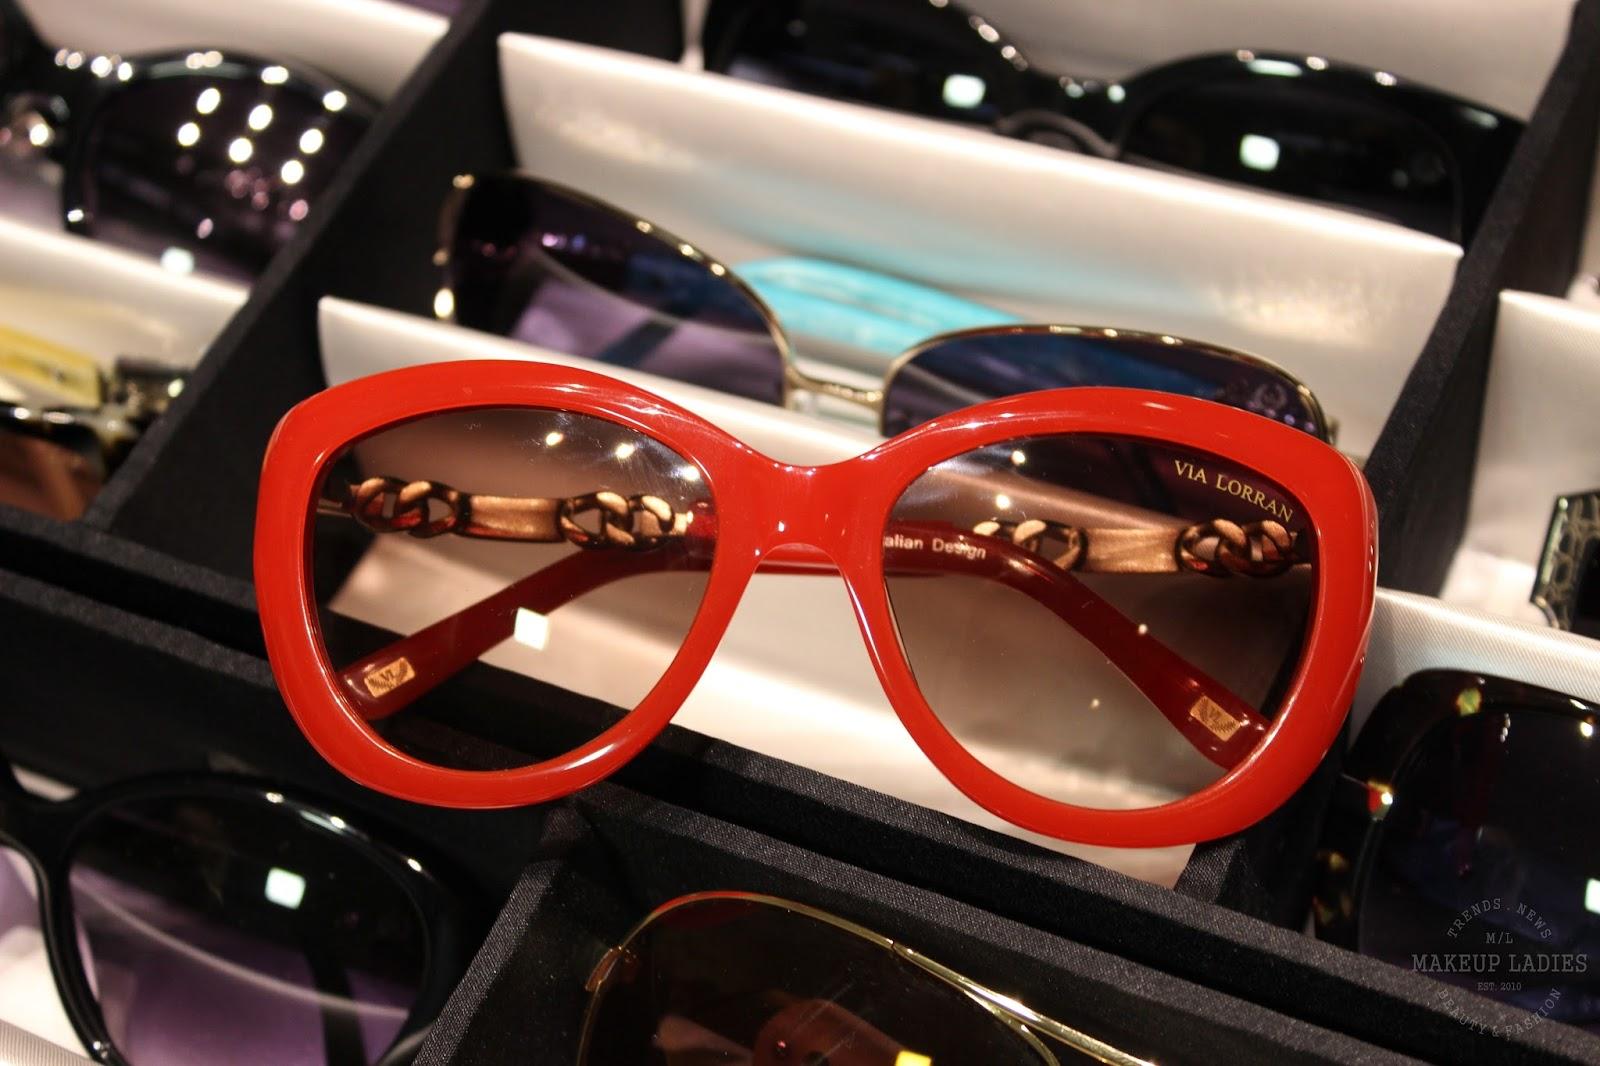 E para encher os olhos, aí estão os óculos da Via Lorran. A grife é  considerada uma das melhores do país no ramo óptico e possui um design  moderno, ... 18dd2efd77